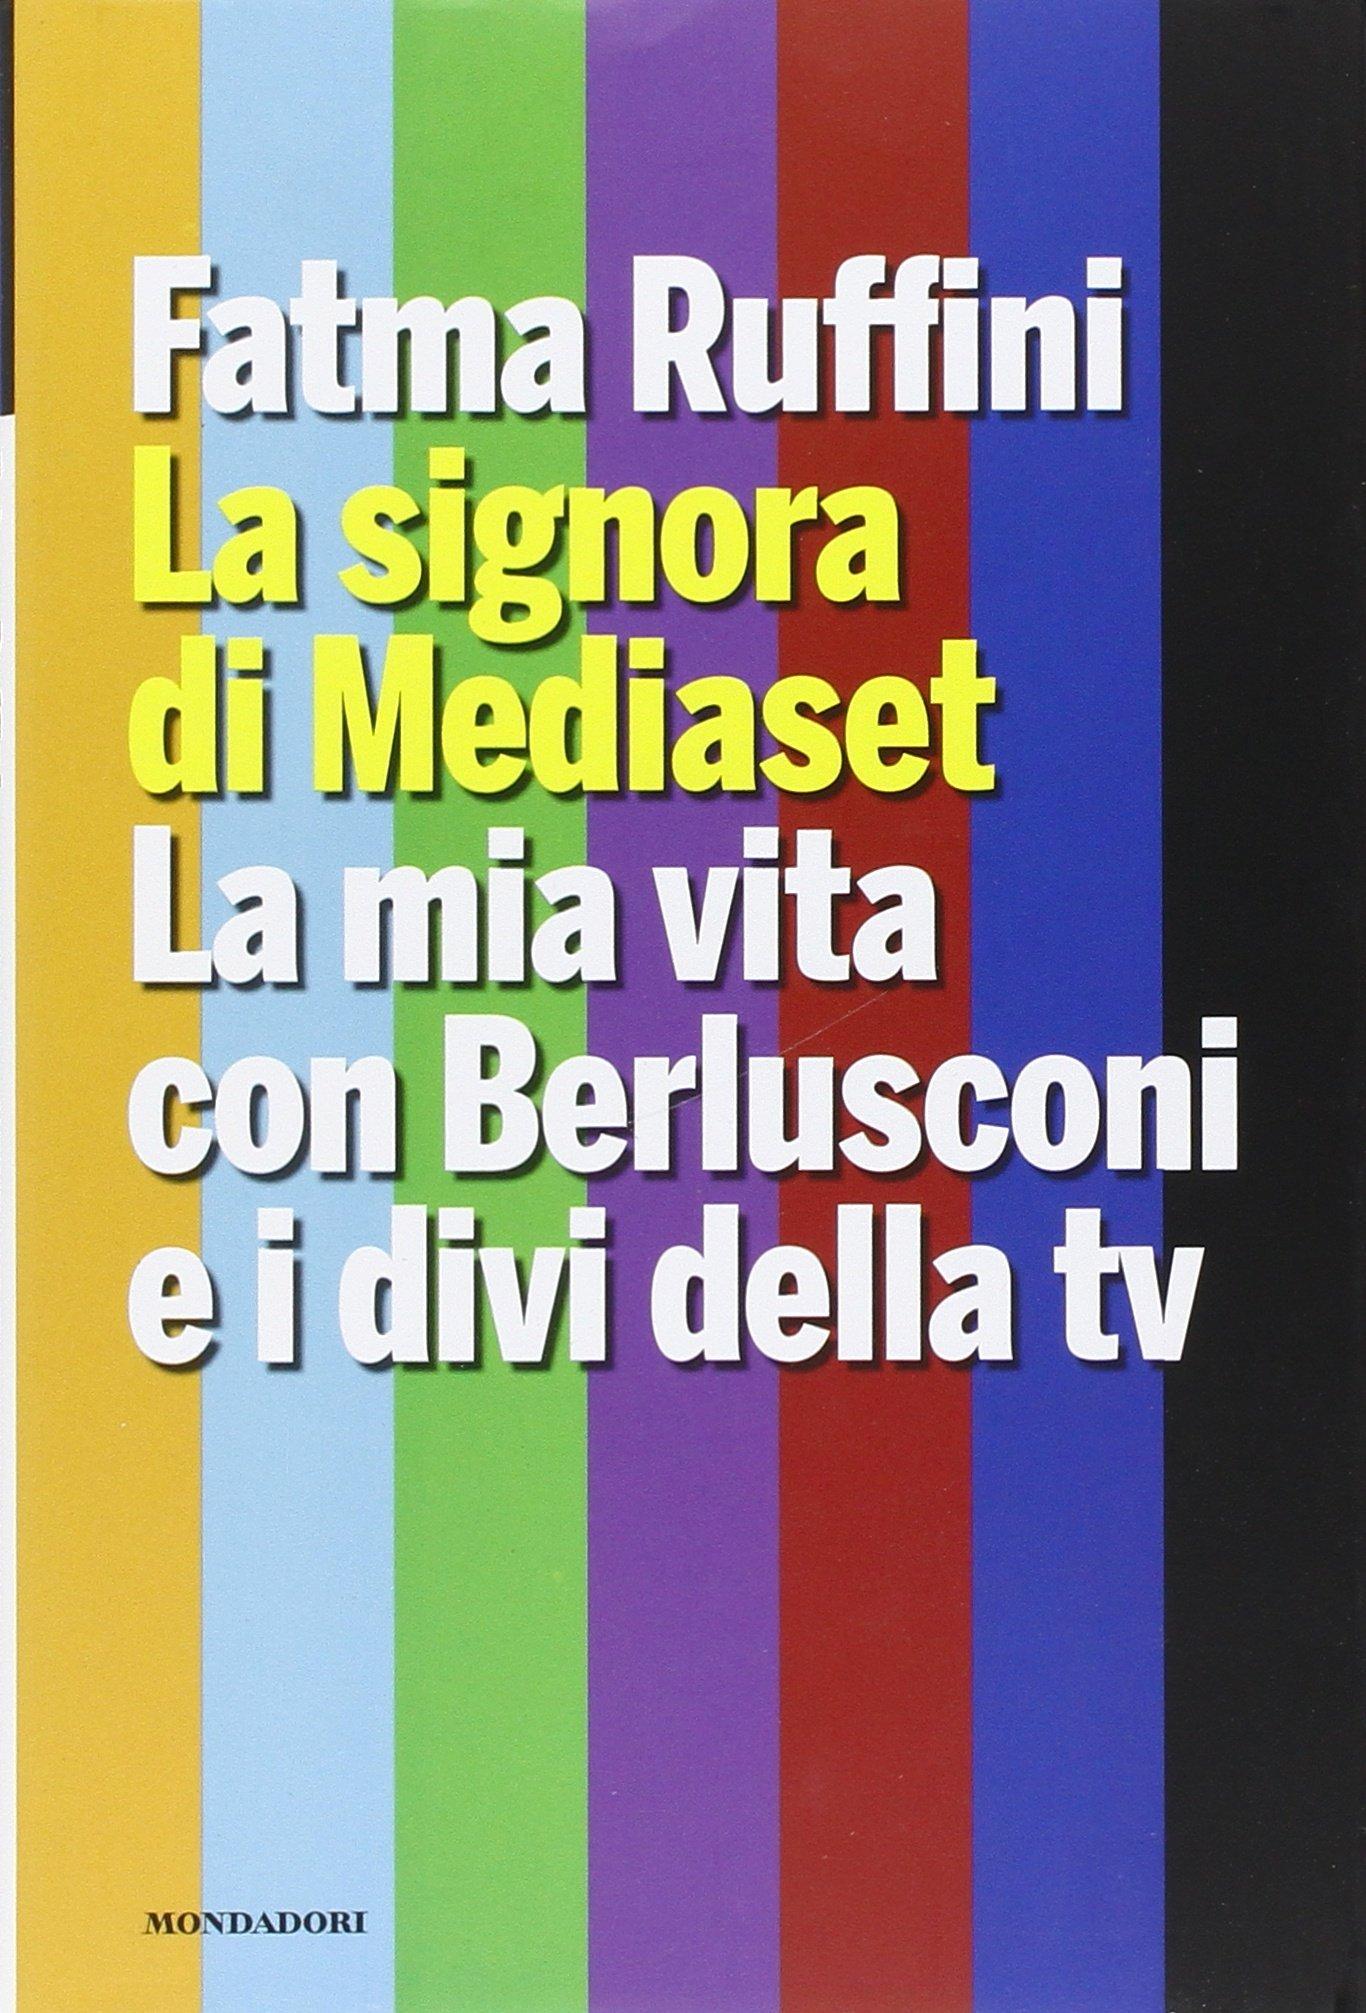 La signora di Mediaset